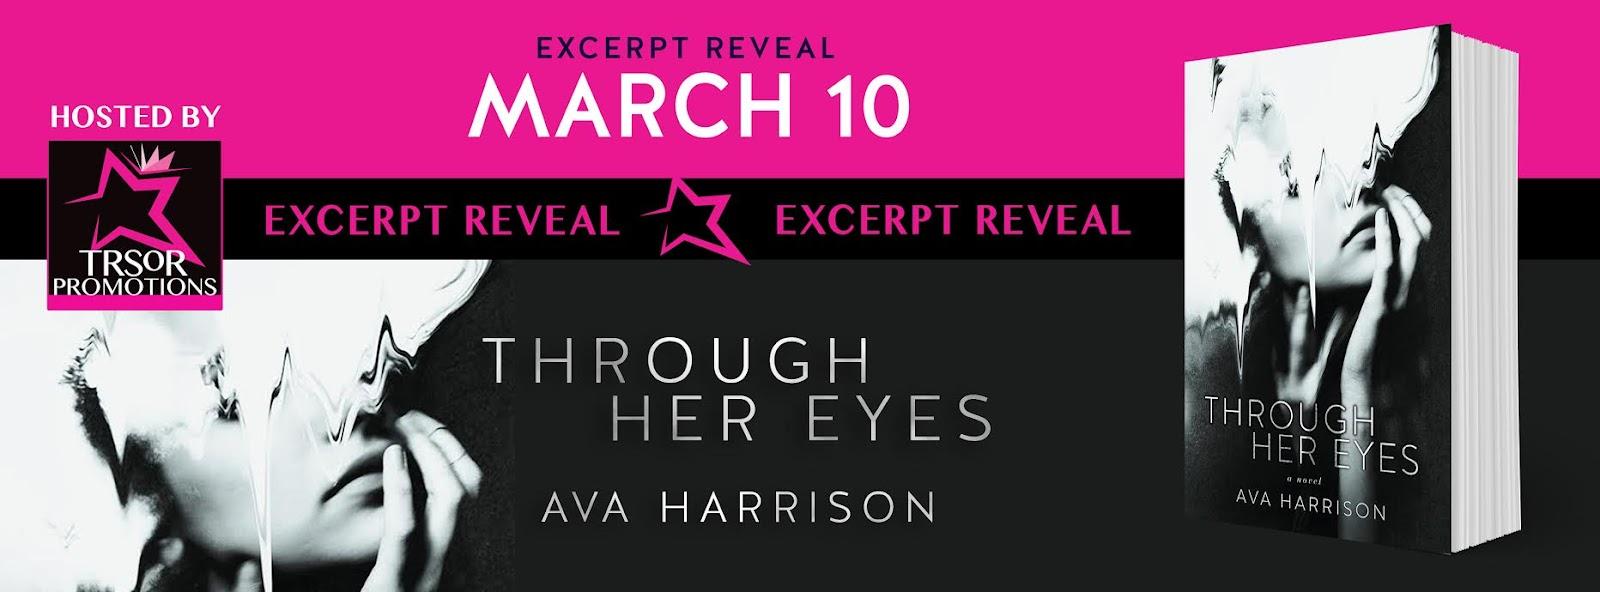 through her eyes excerpt reveal.jpg